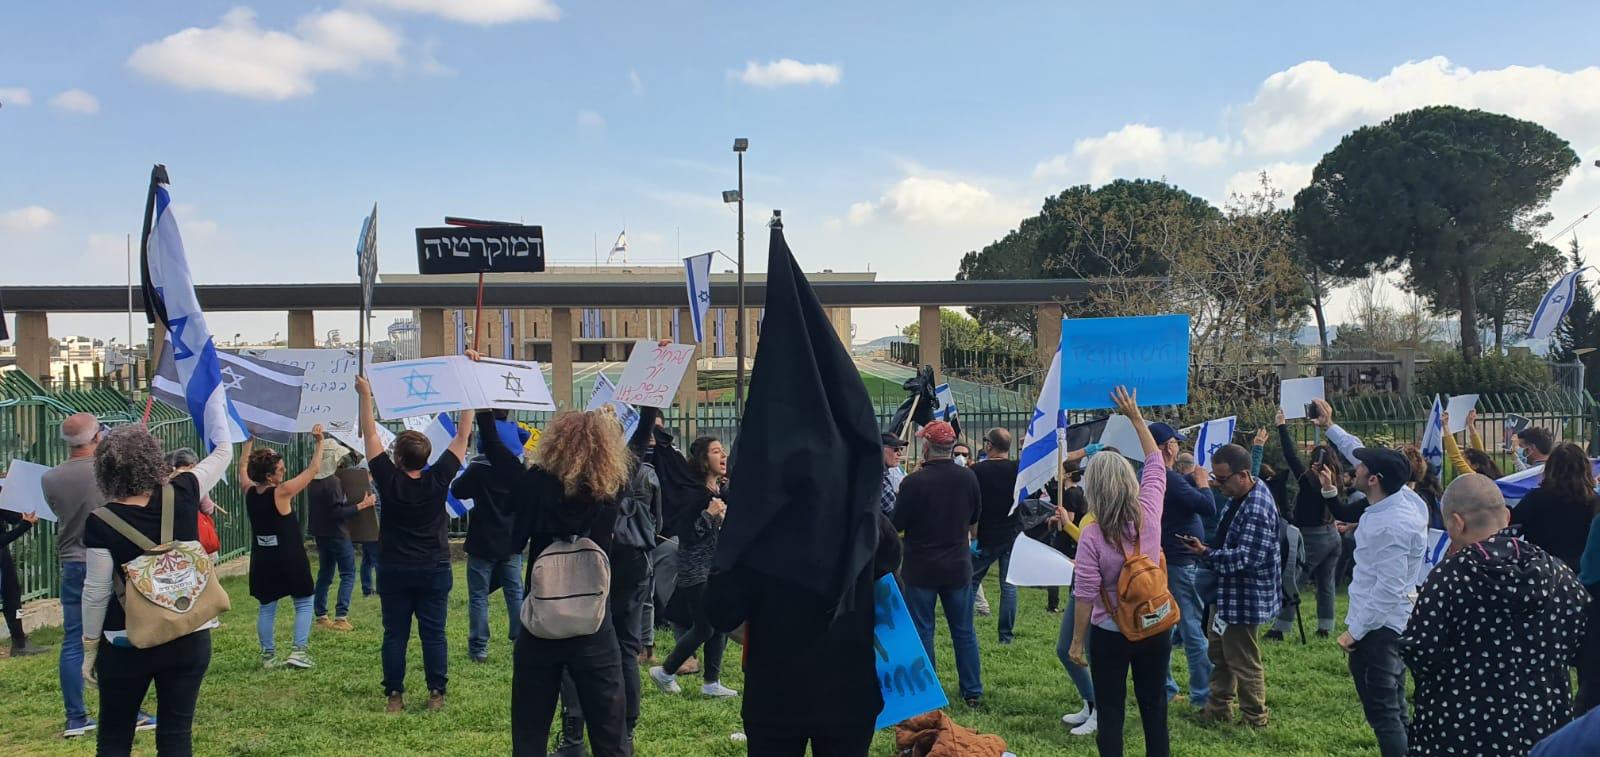 על הכוונת: מחאת הדגלים השחורים, מרץ 2020 (צילום: קורהה יובל איטח)